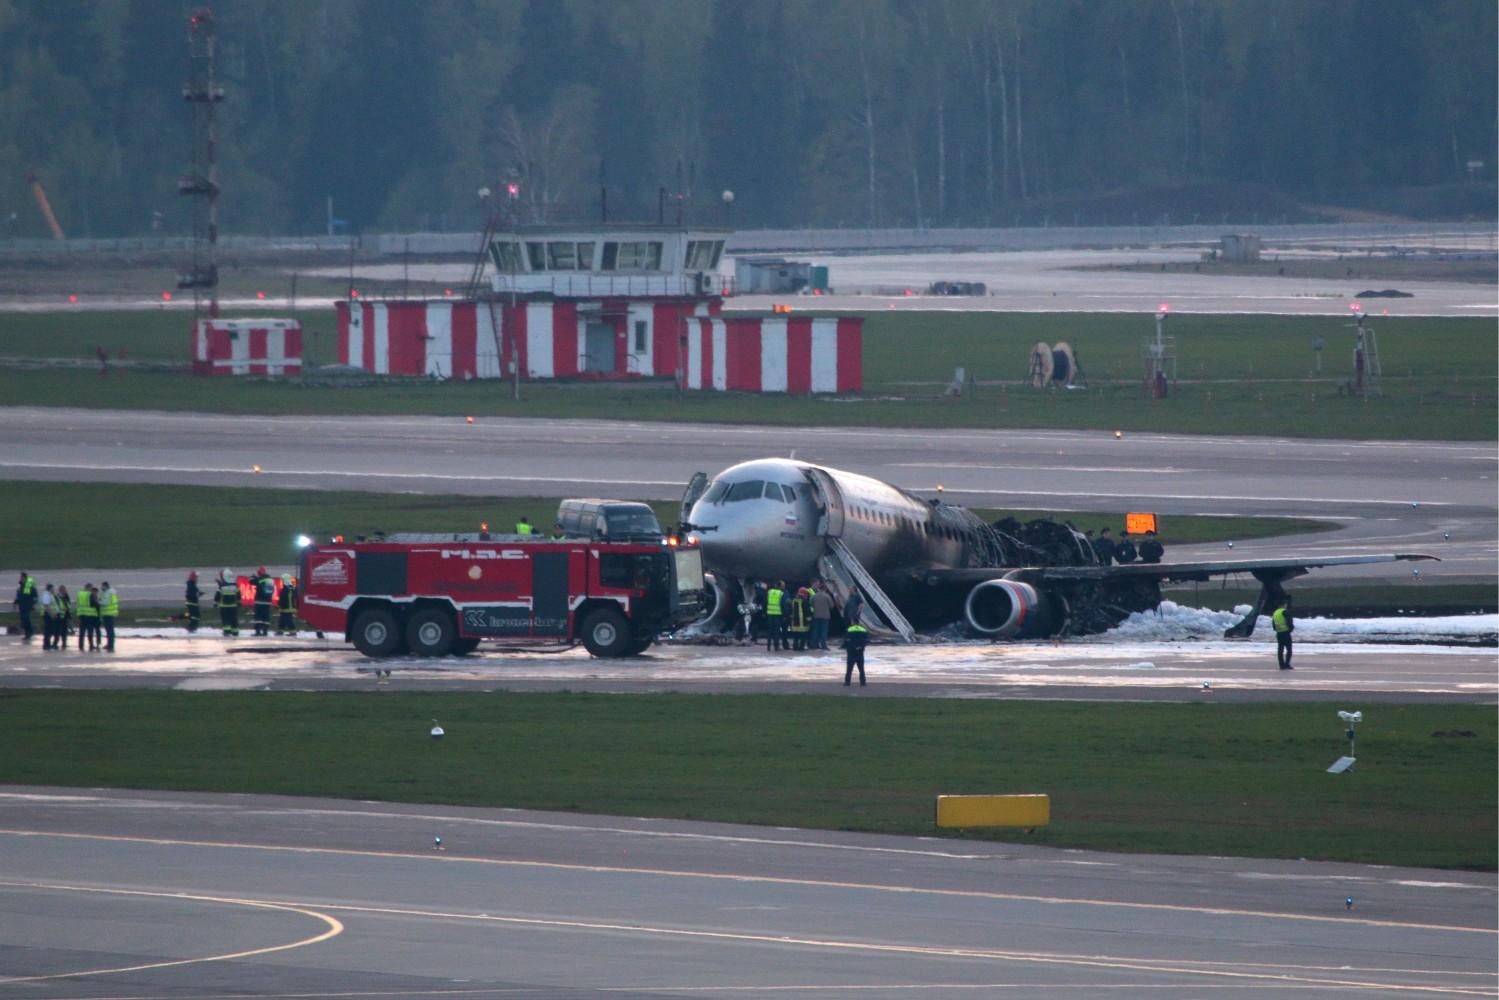 c635df4b68c61 Жуткие кадры: катастрофа в аэропорту Шереметьево с рейсом Москва – Мурманск